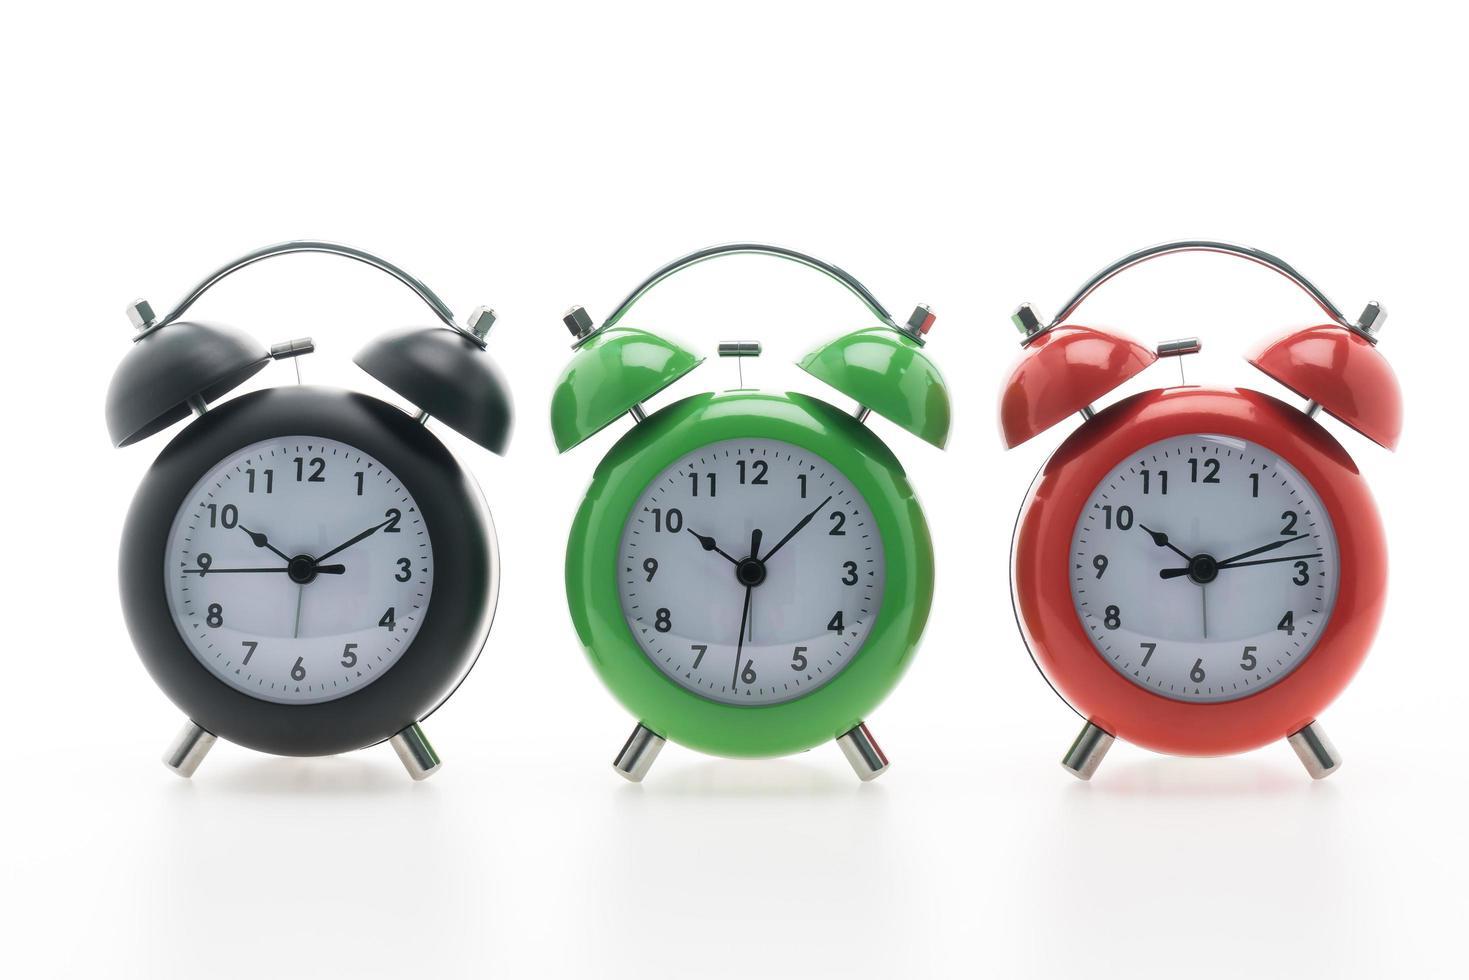 relojes de alarma clásicos foto